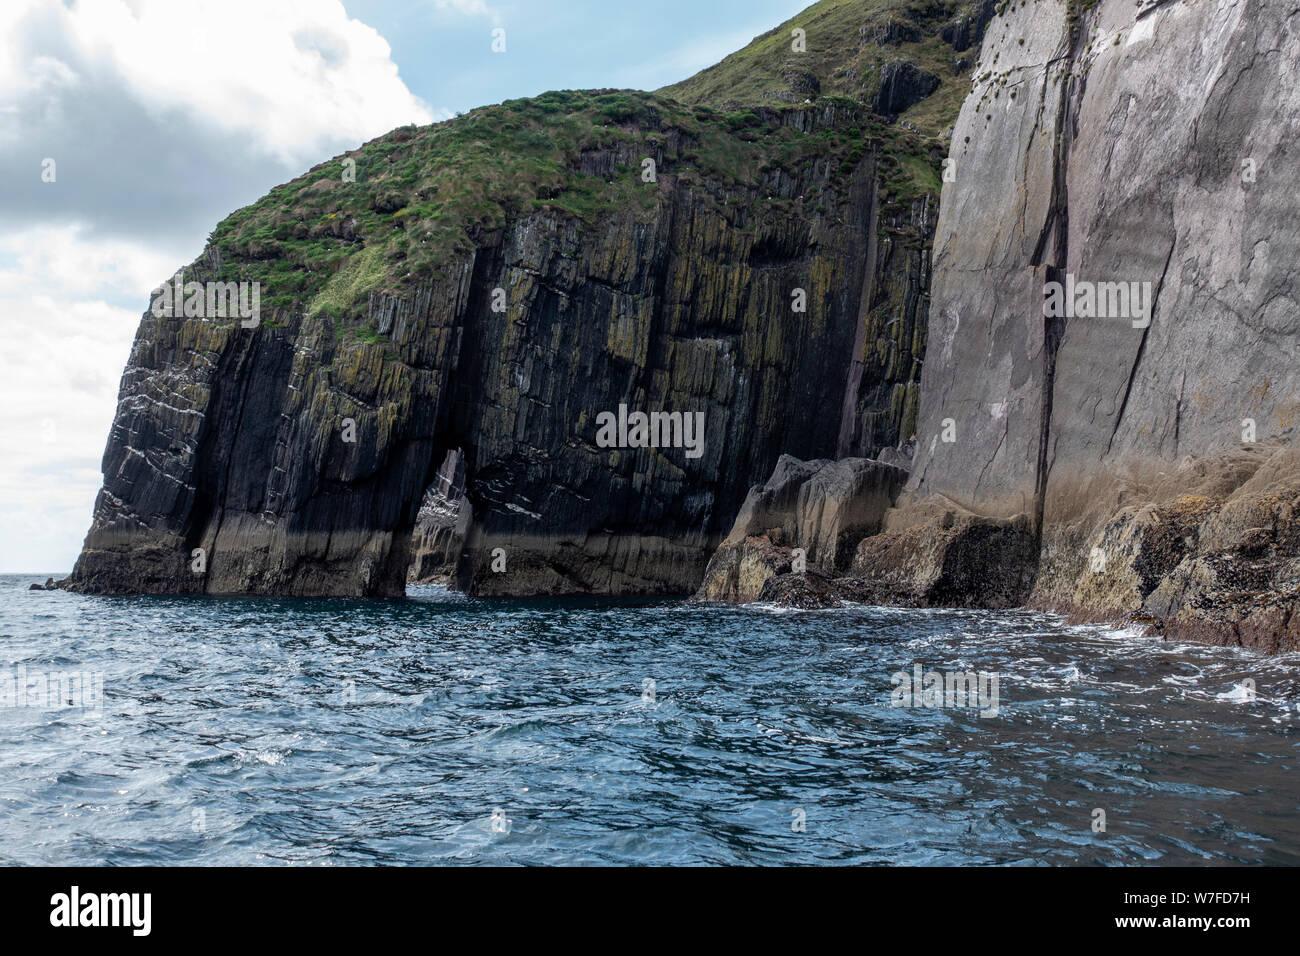 Arco del mar visto desde el barco - La península Dingle, Condado de Kerry, República de Irlanda Foto de stock